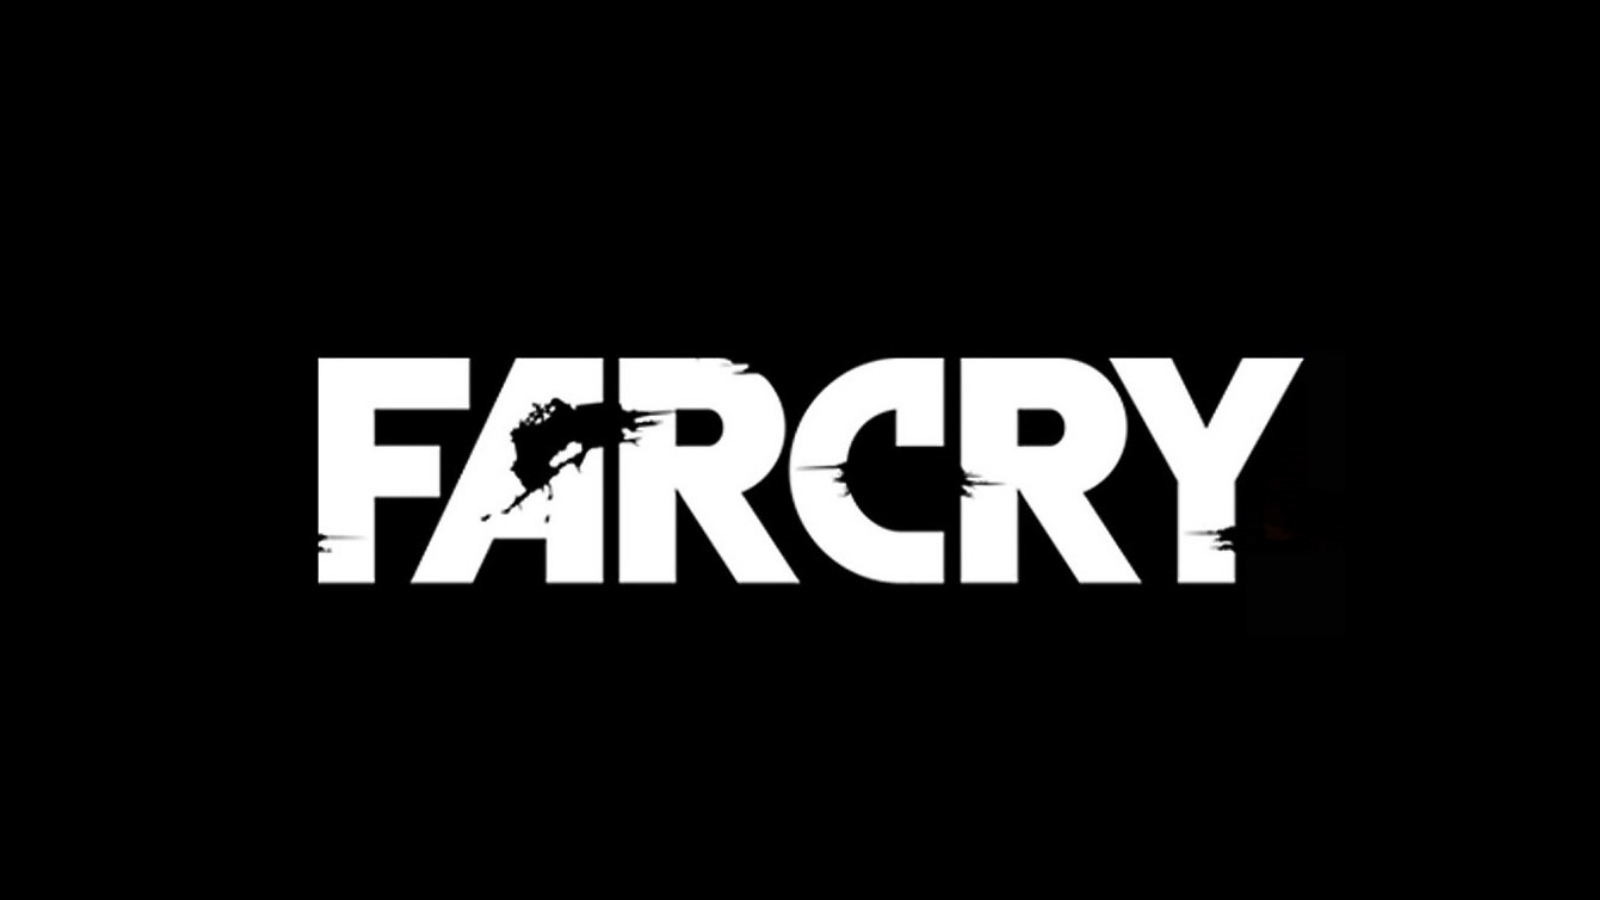 far cry 4 cover art controversy